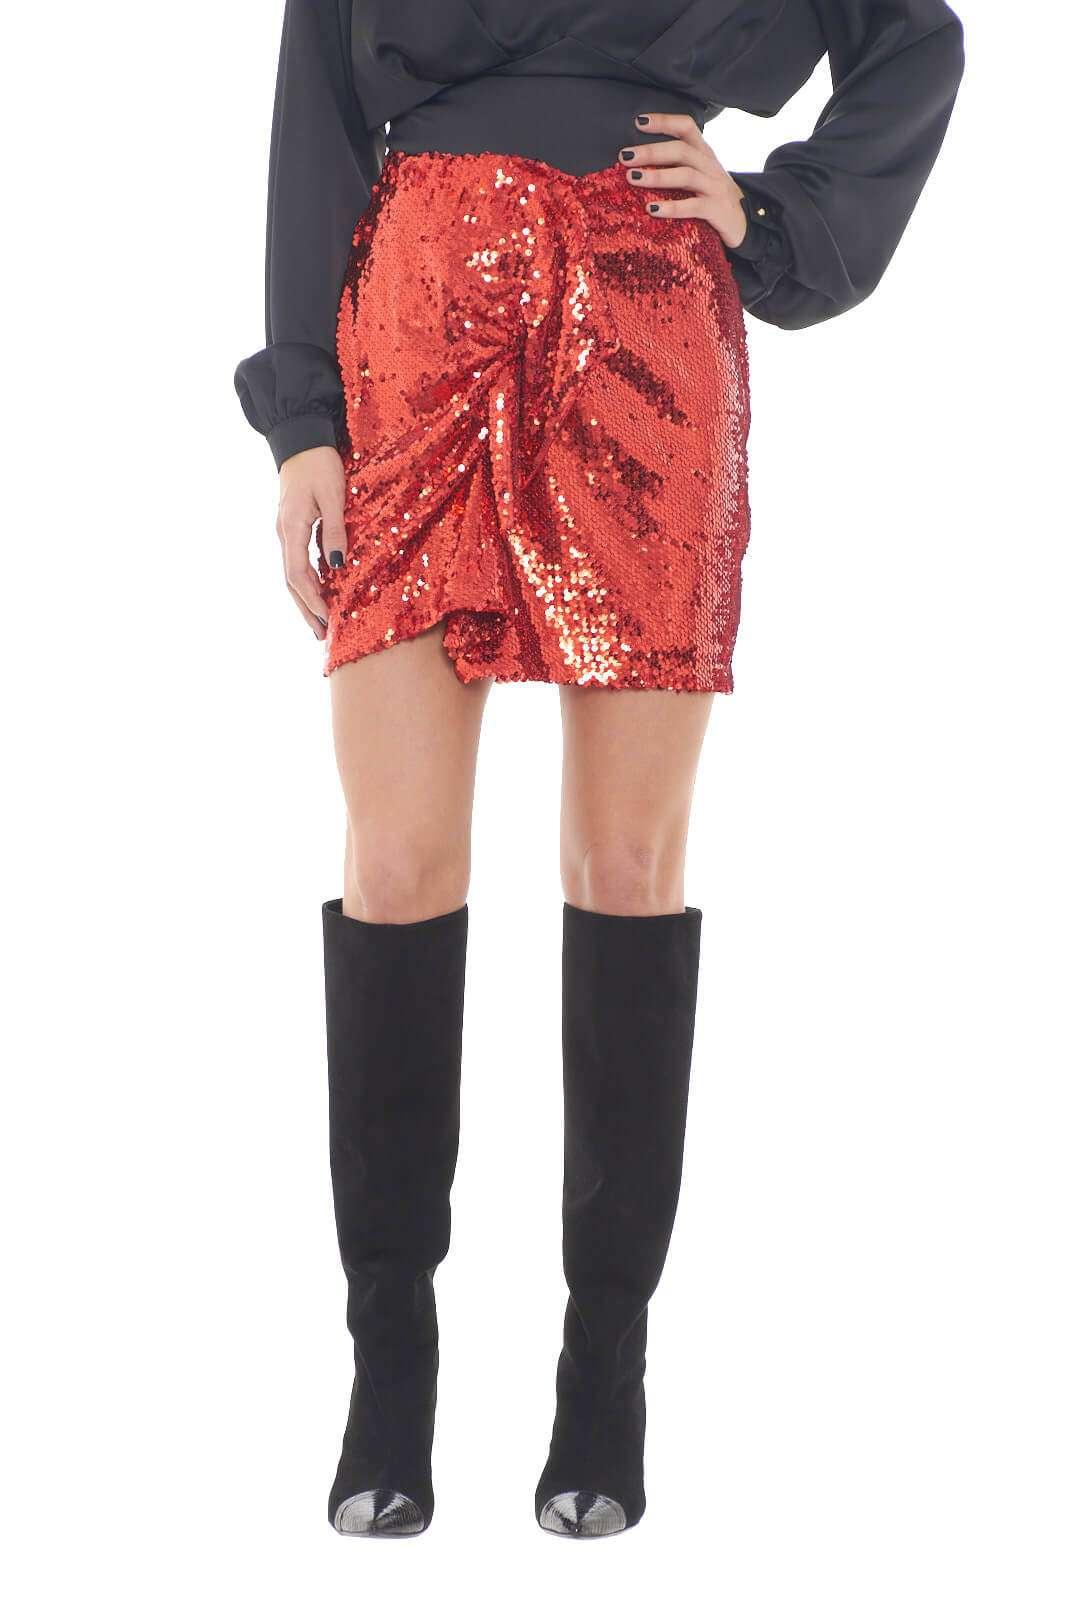 Una gonna eccentrica e sgargiante, perfetta per le tue occasioni più glamour. Il colore acceso, e le paillettes applicate, la rendono un capo ideale per party e feste, dove con una semplice t shirt o blusa, creerai outfit alla moda.  La modella è alta 1,75m e indossa la taglia 40.